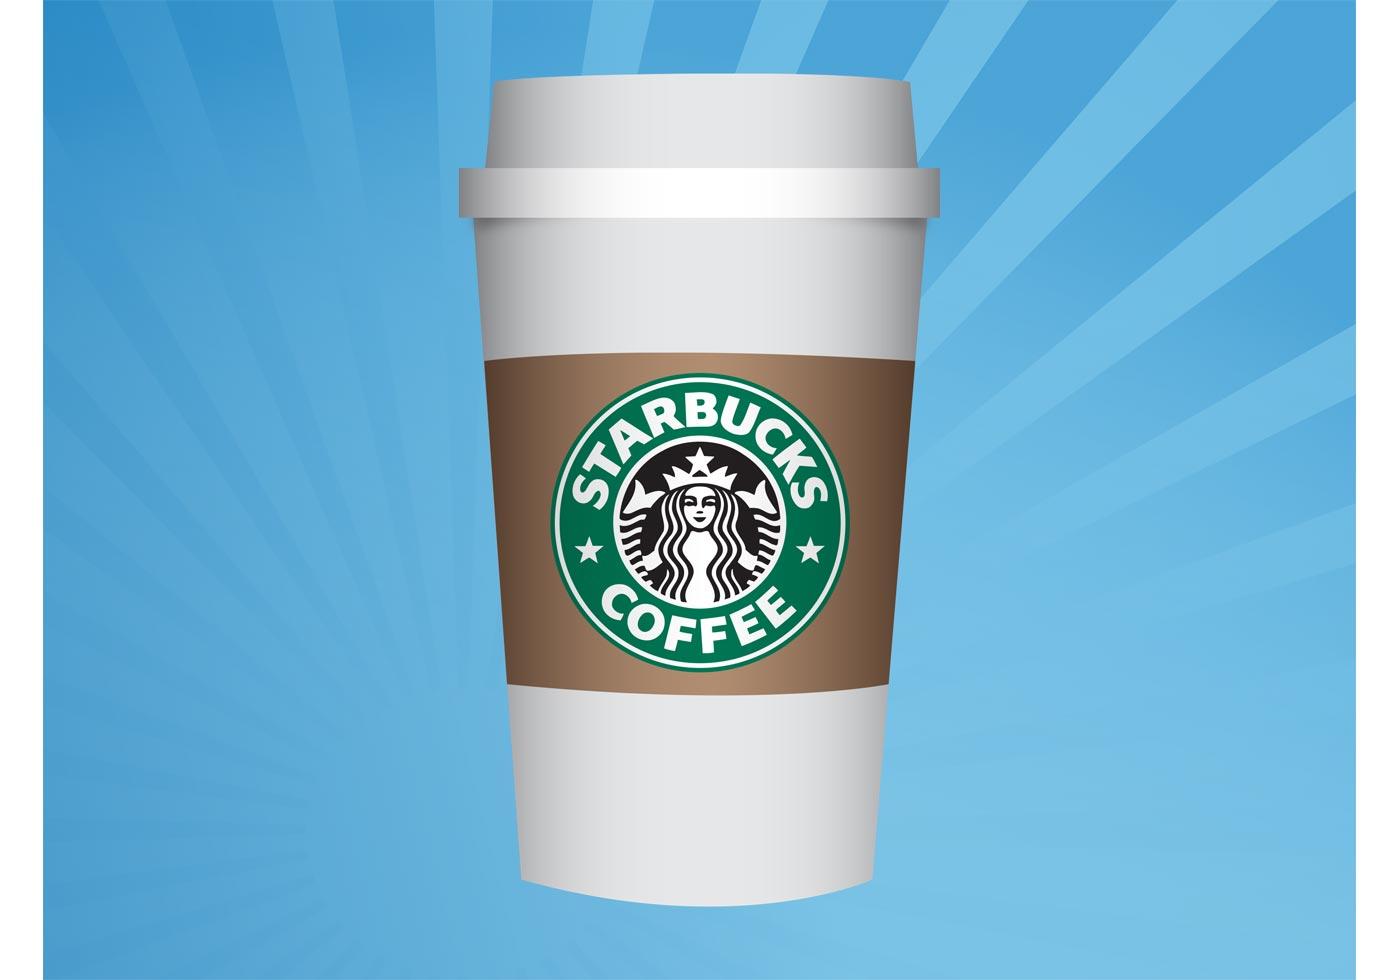 Starbucks Cup Download Free Vector Art Stock Graphics